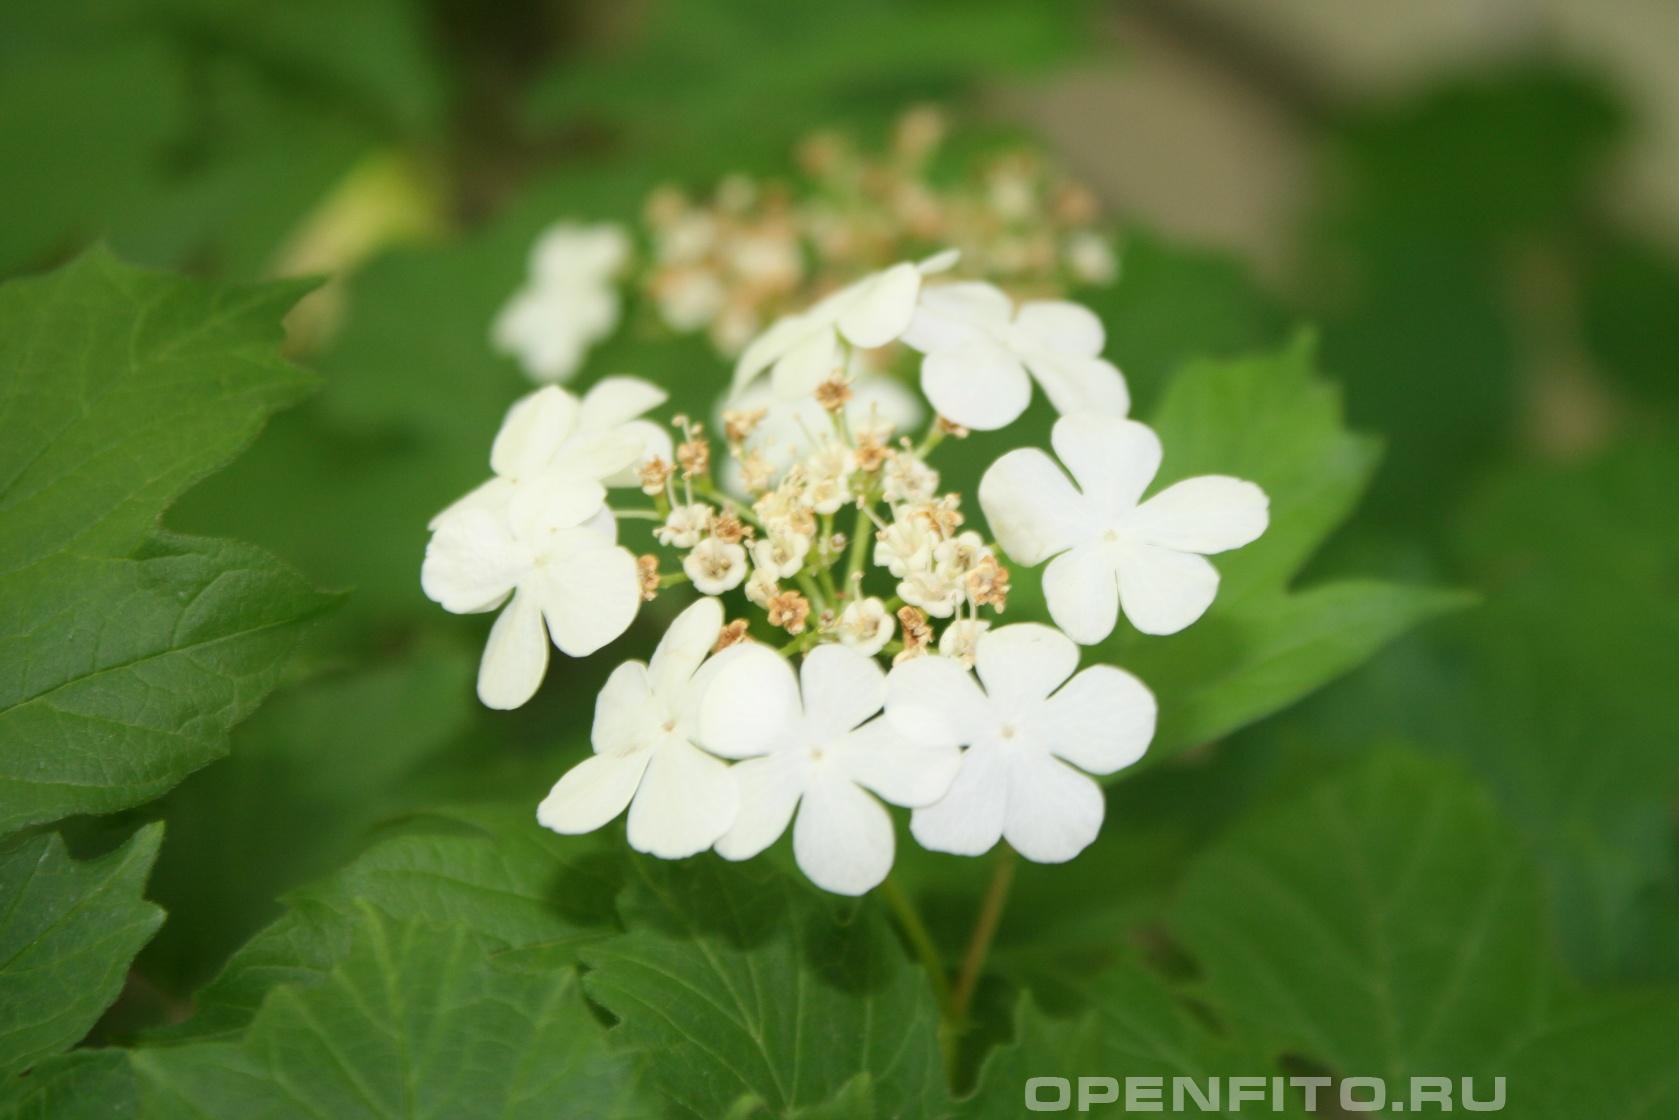 Калина Фото цветов Калины